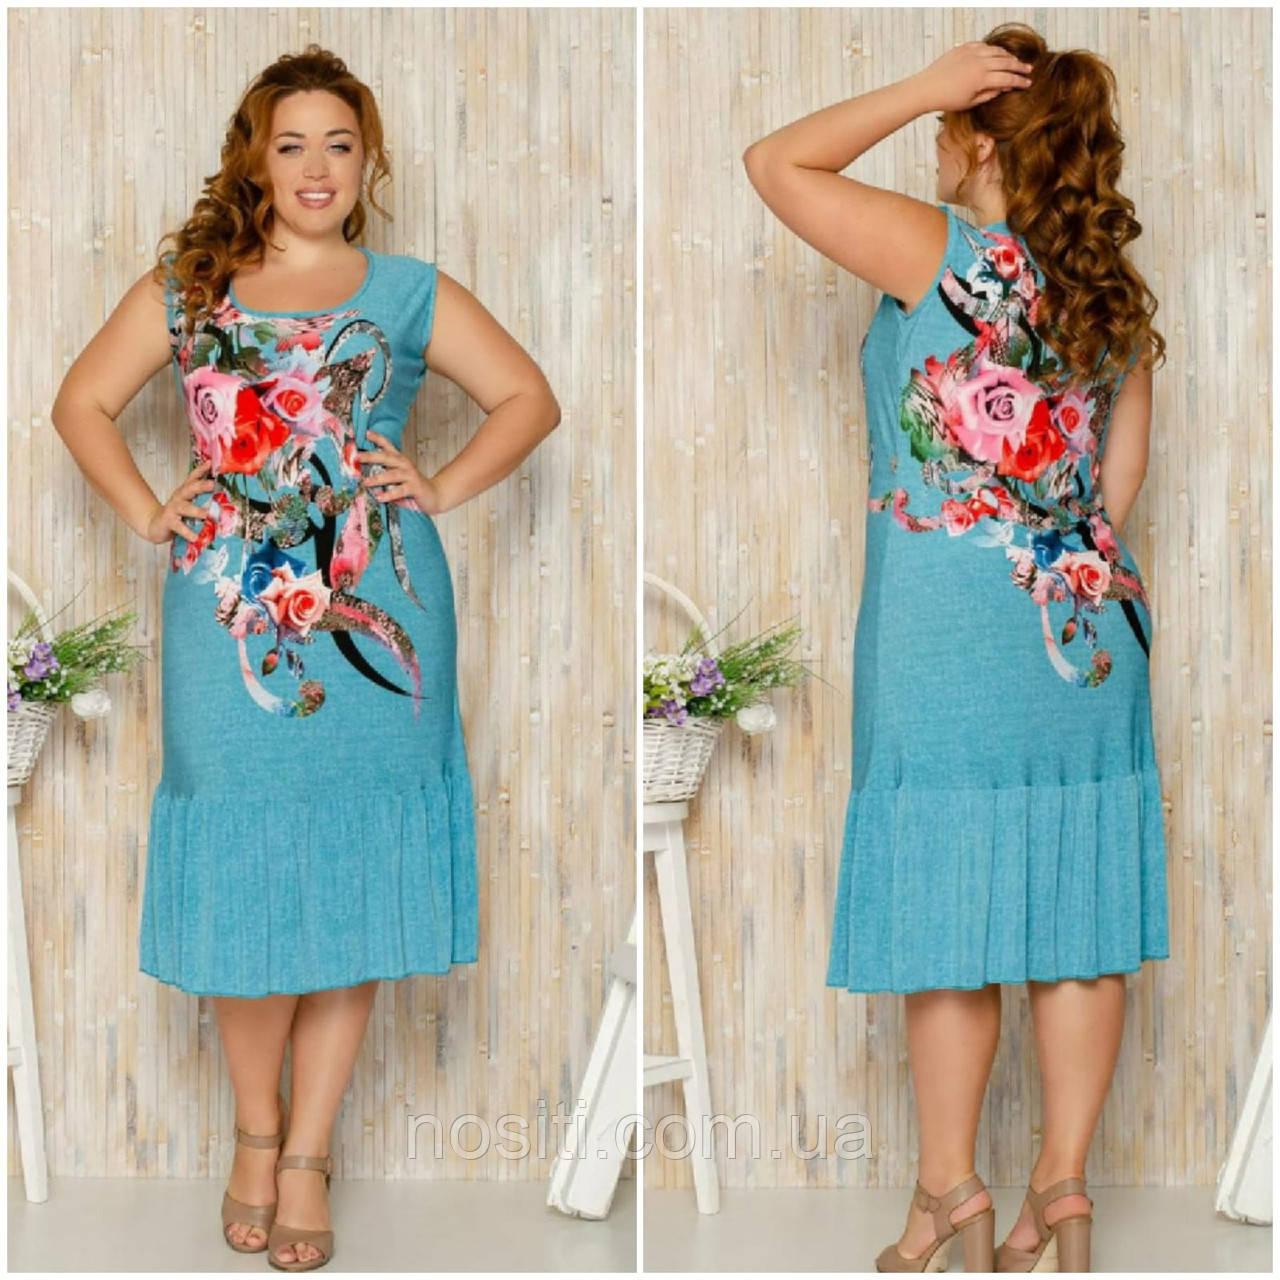 Батальное женское платье сарафан в цветочный принт